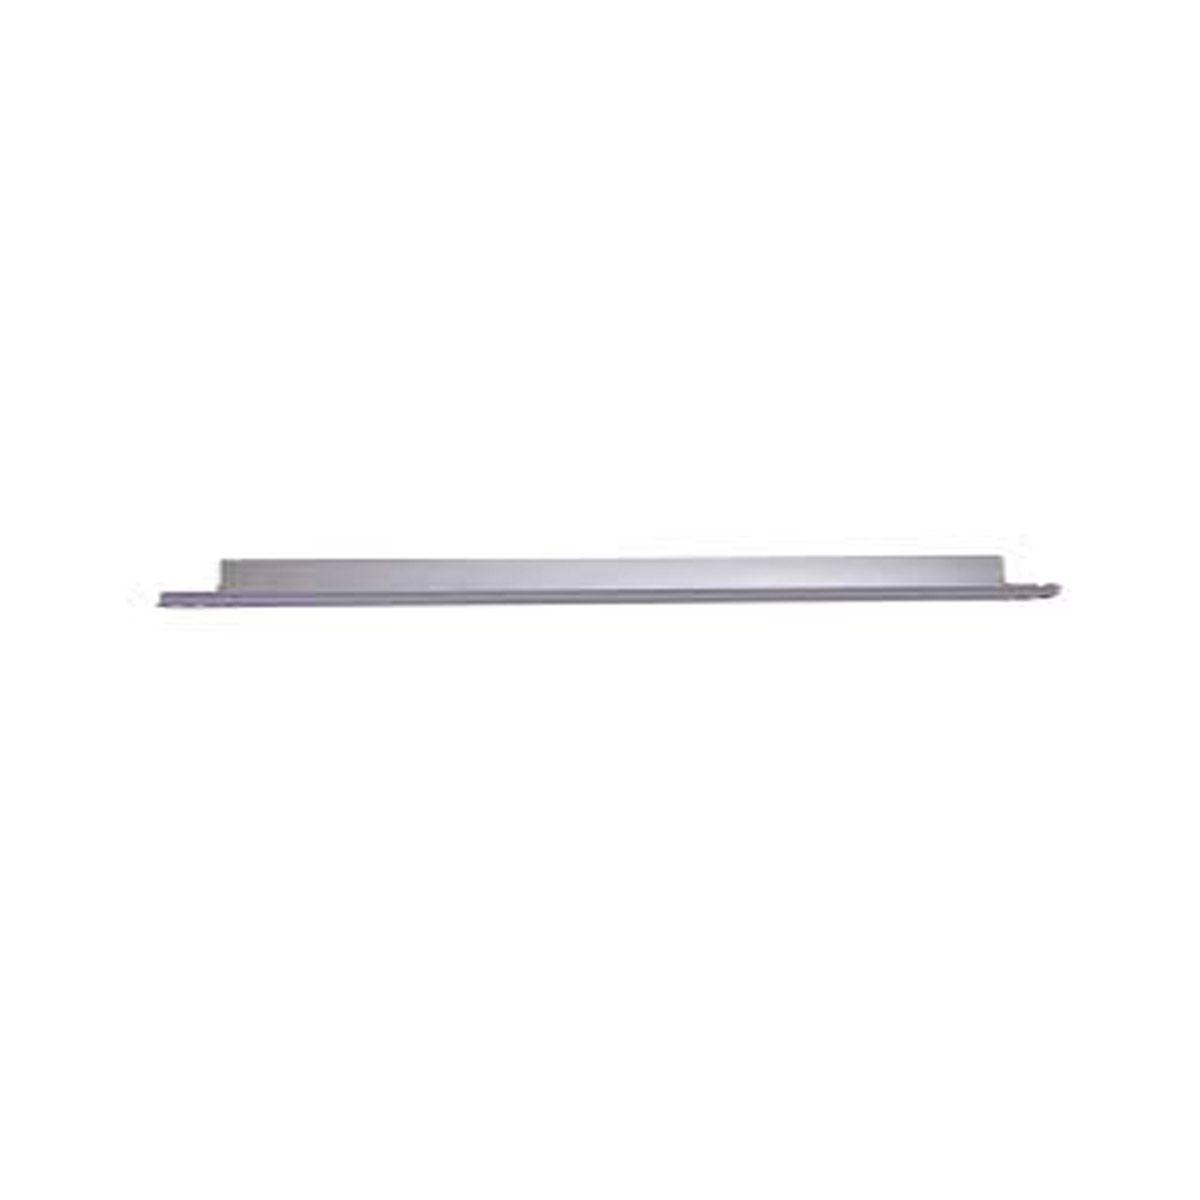 Lamina Dosadora Doctor Blade HP CE255 CE255A CE255X - P3015 P3016 M521 M525